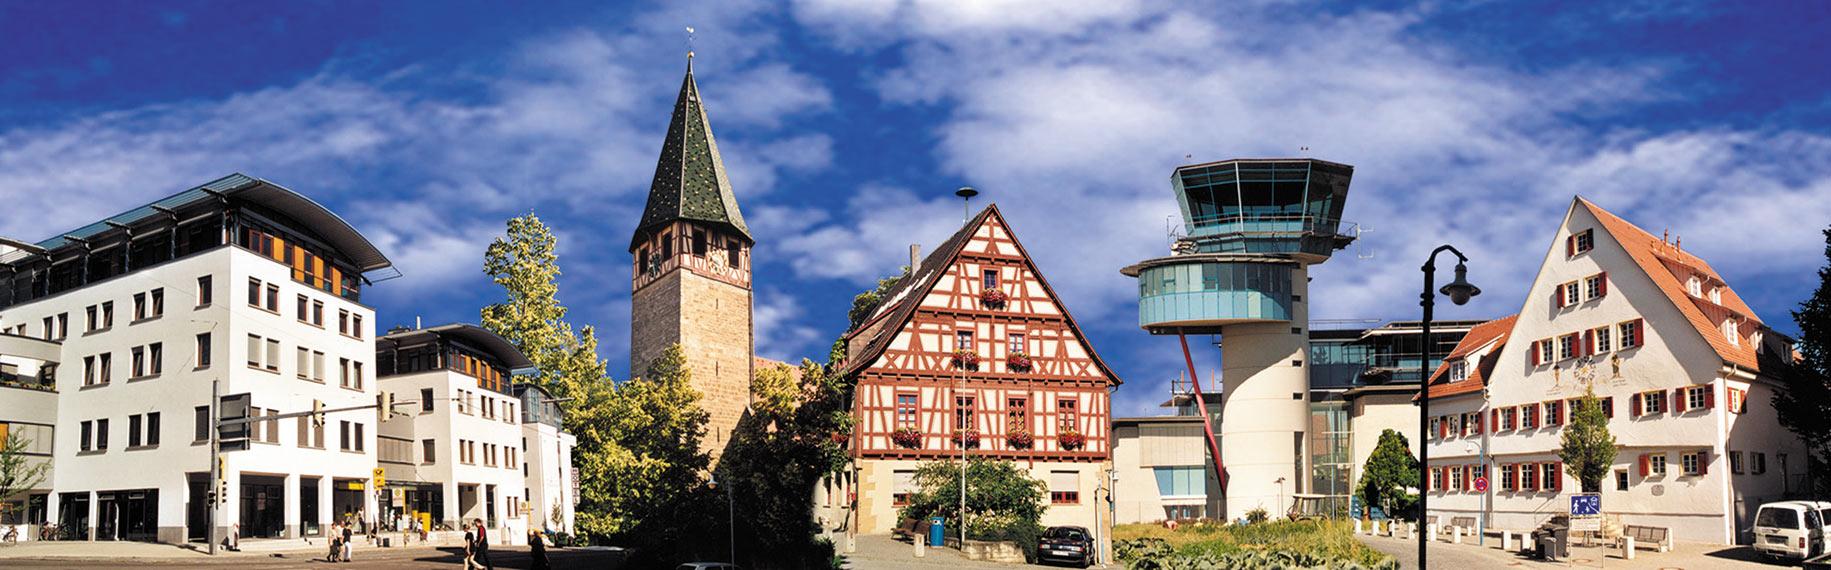 bernhausen-aktiv-panorama